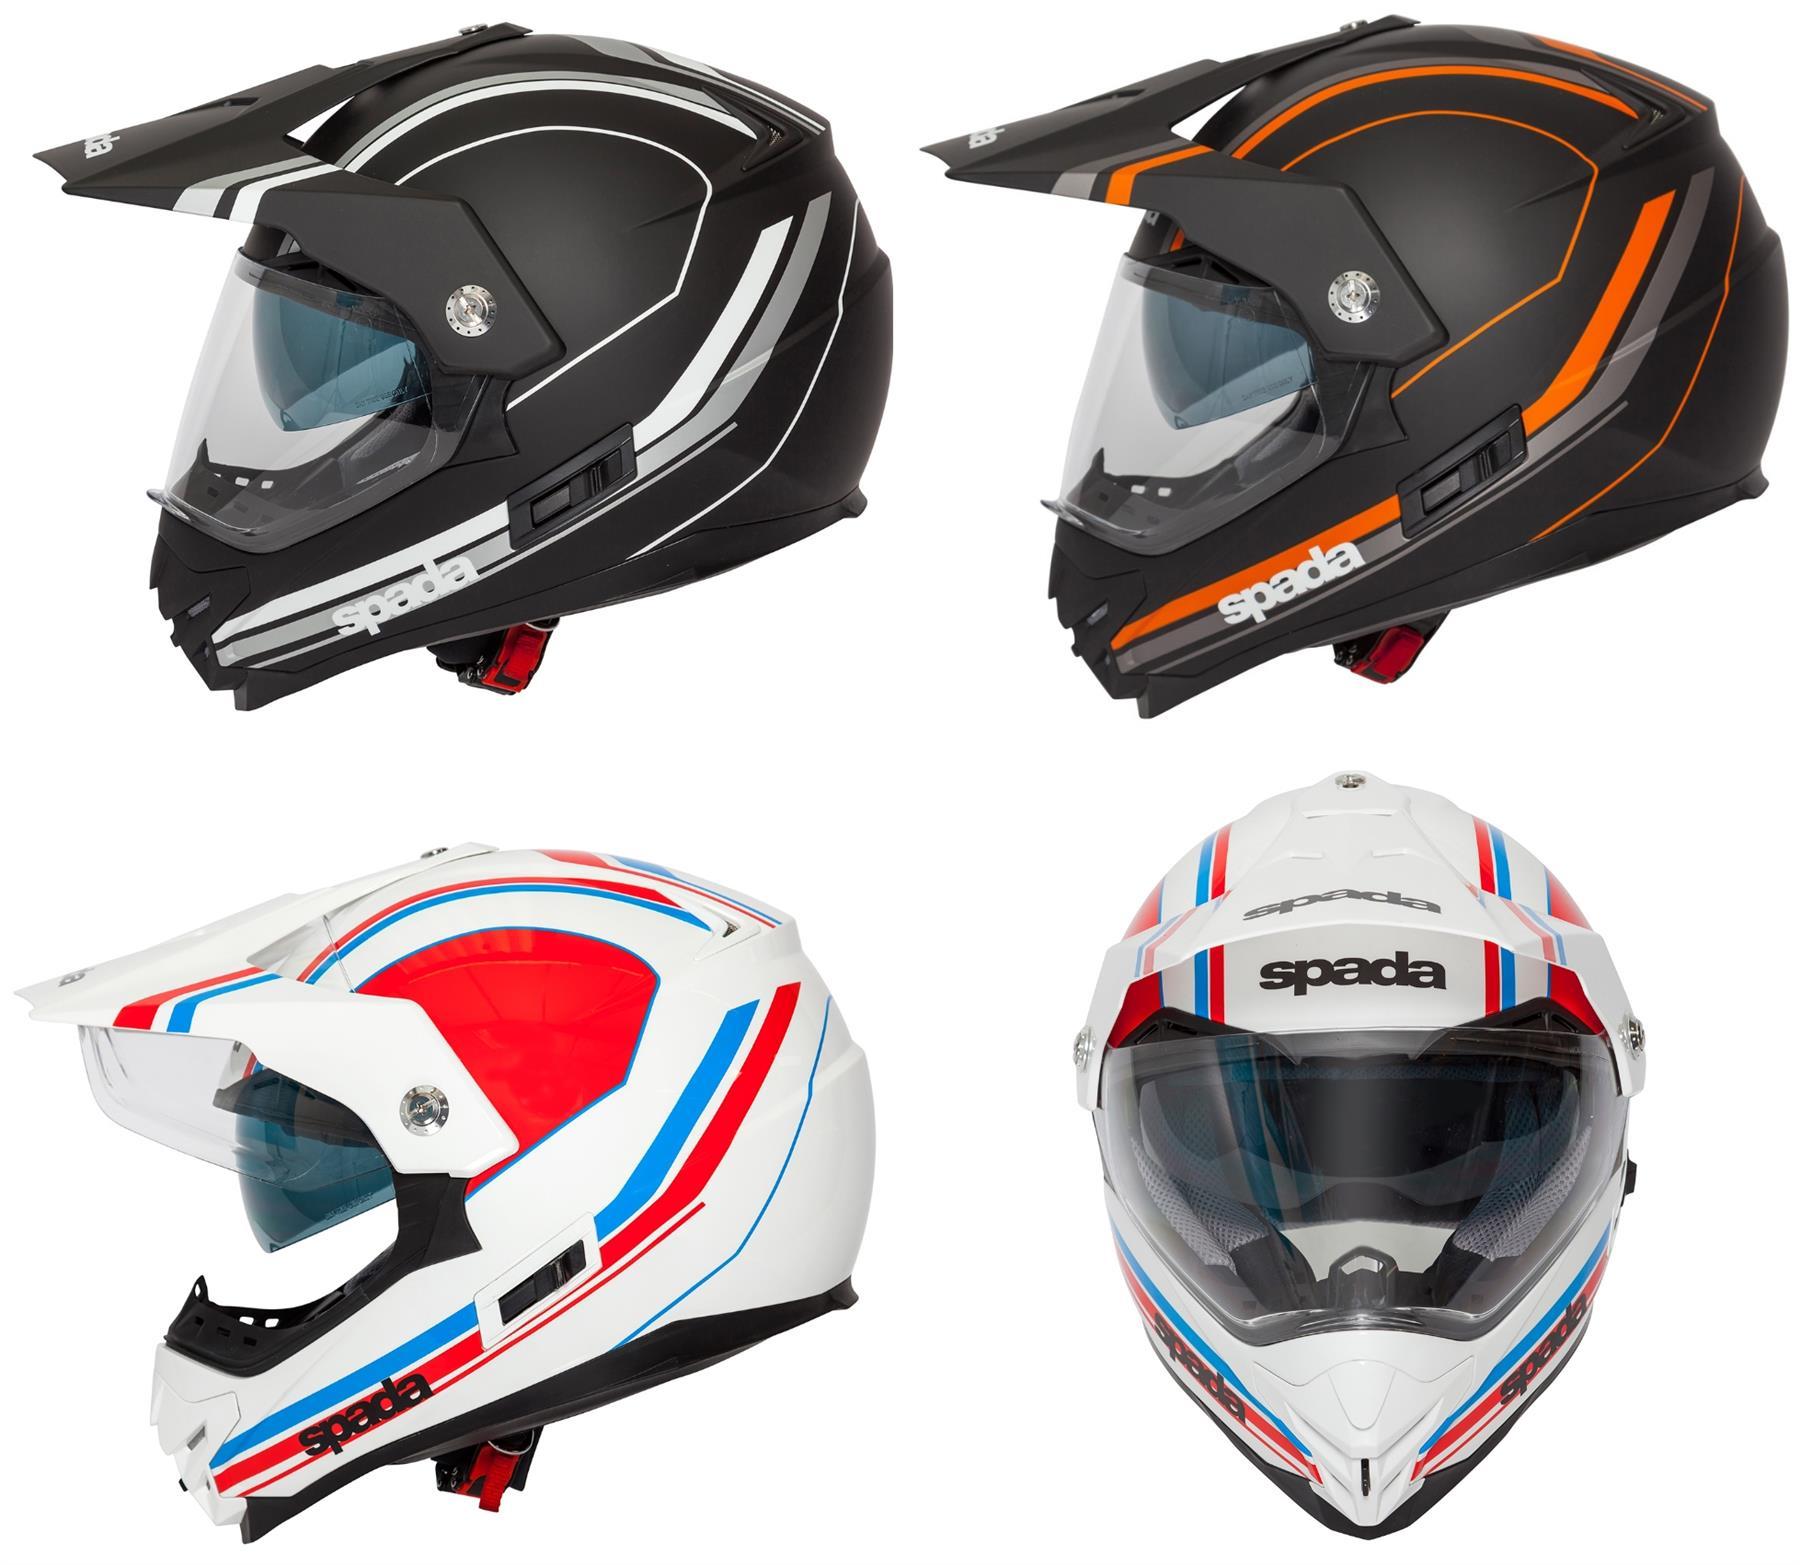 Spada Intrepid Adventure Motorcycle Helmet White//Black